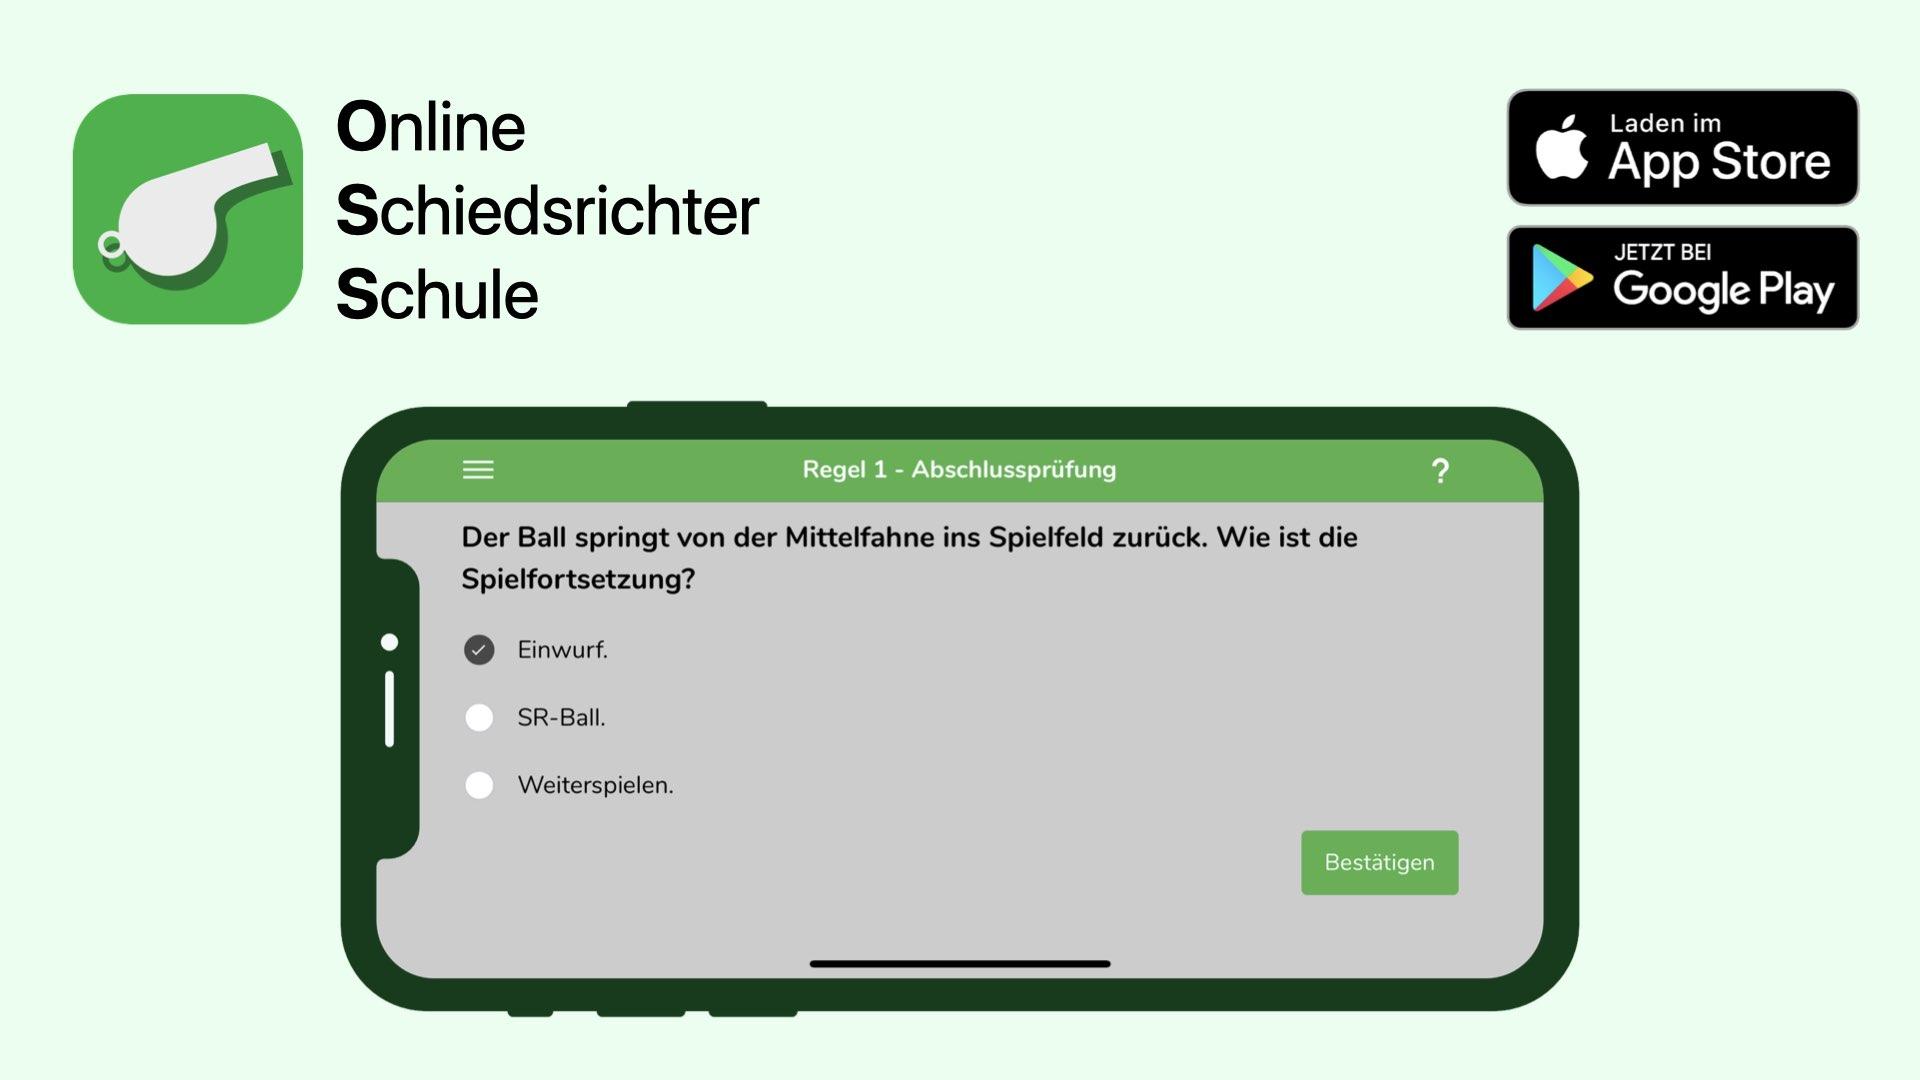 Schiedsrichter Regelfrage in der Schiedsrichter App der Online Schiedsrichter Schule